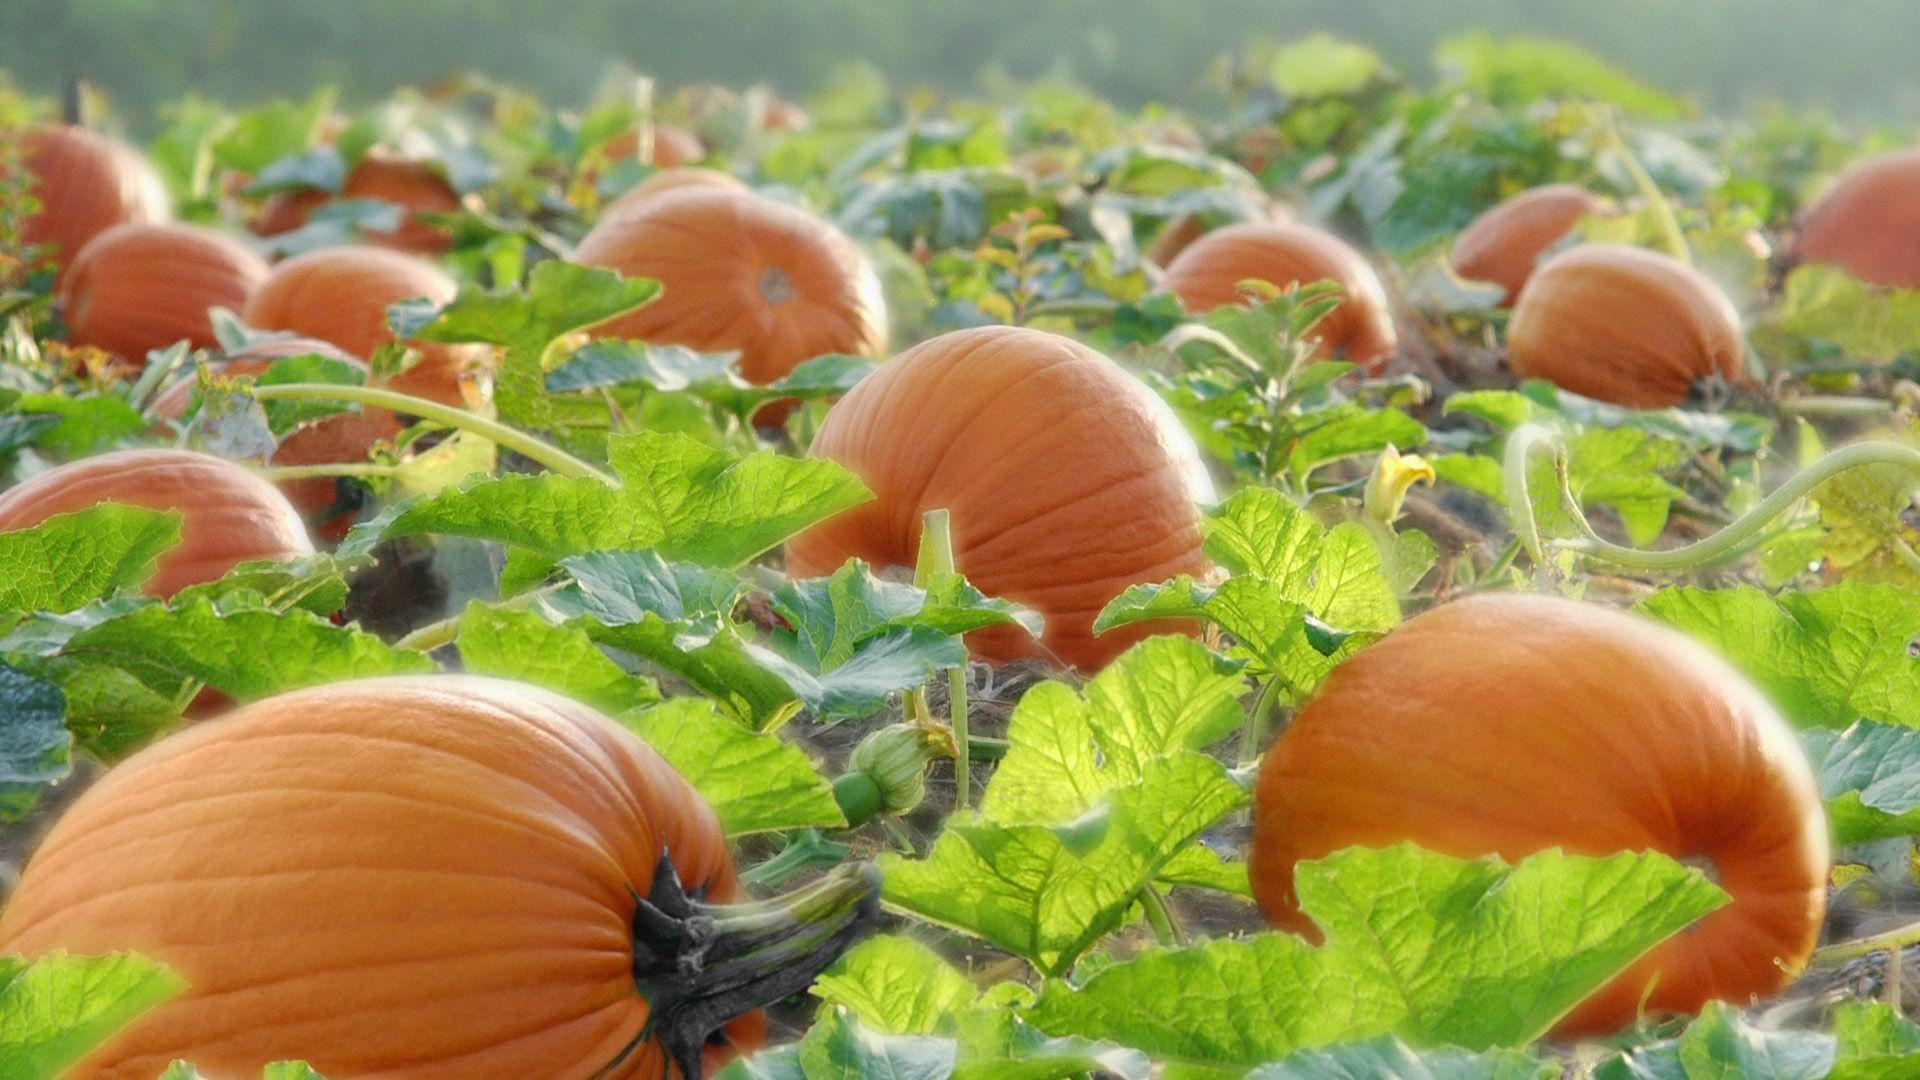 Fall Pumpkin Patch Wallpaper Pumpkin Wallpapers Hd Pixelstalk Net